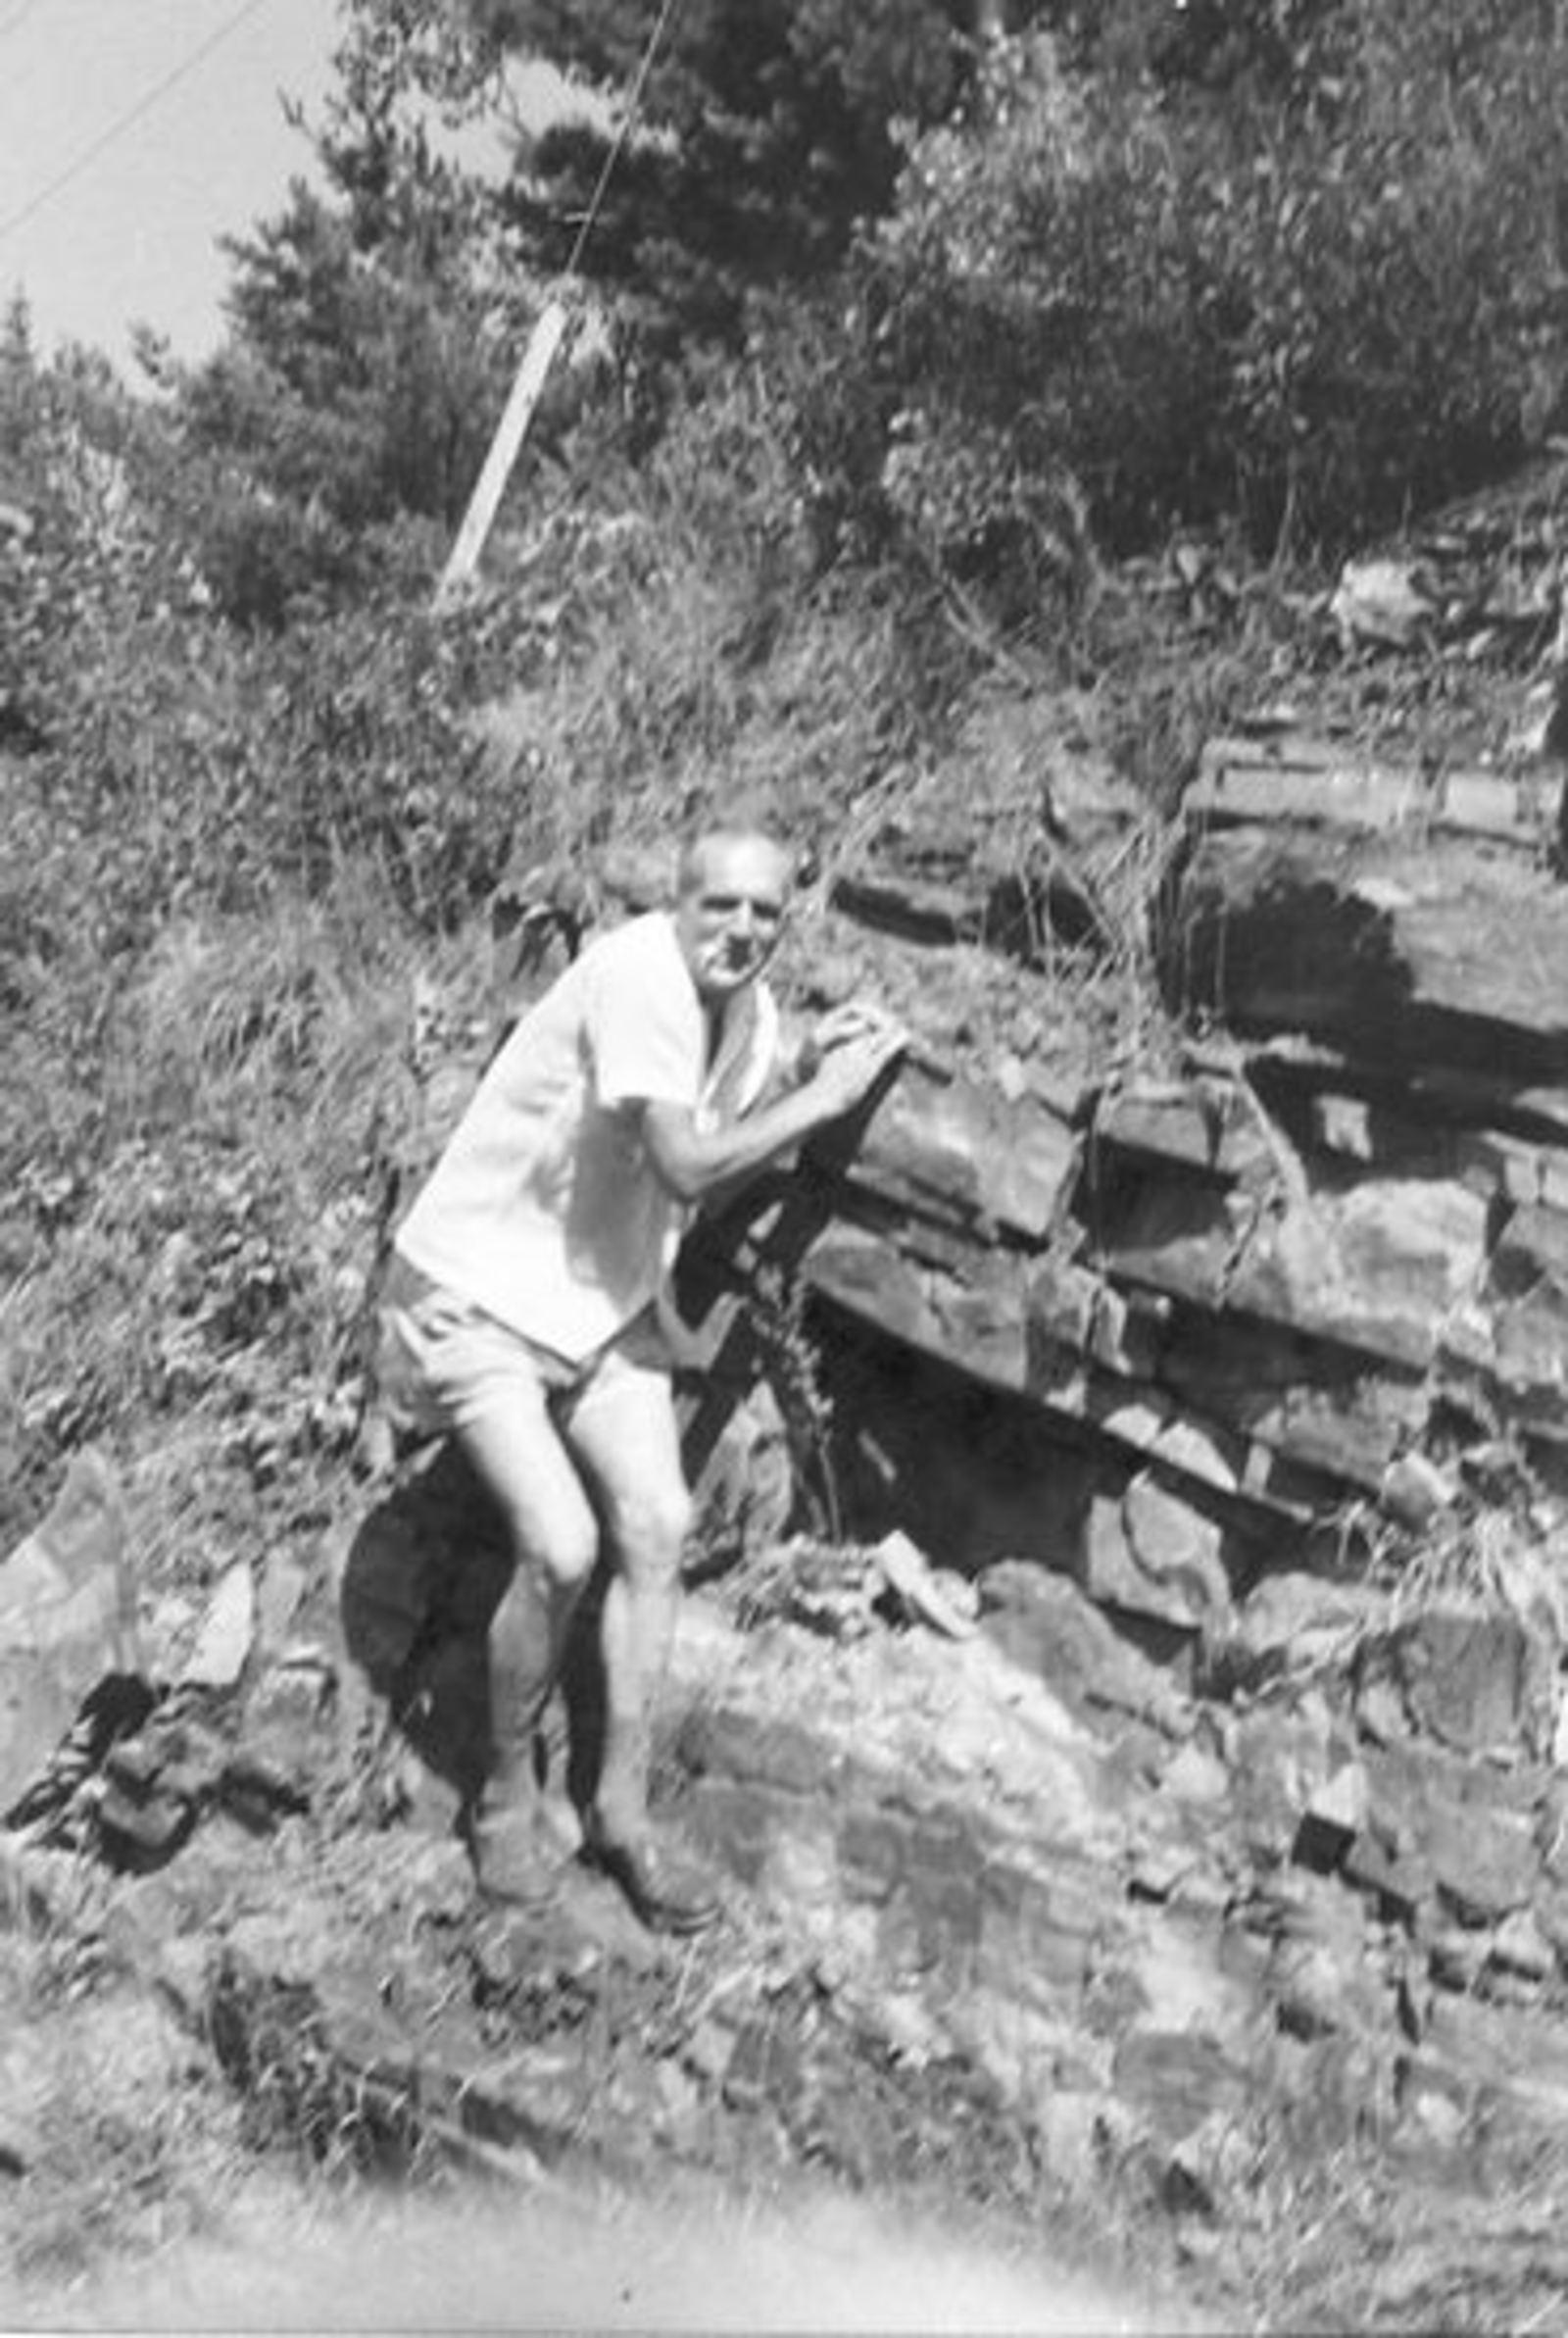 Groef Cor vd 1911 19__ als Bergbeklimmer